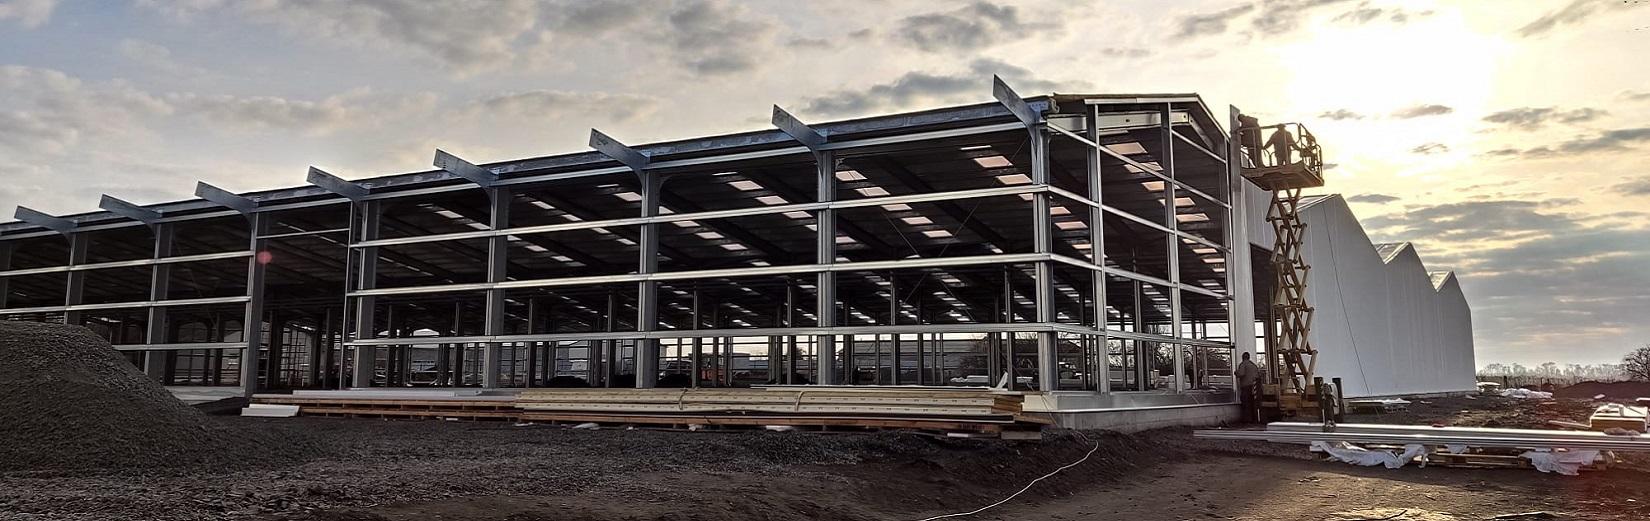 Bâtiments modulaires avec la versatilité des bâtiments sur mesure ou des hangars industriels conventionnels